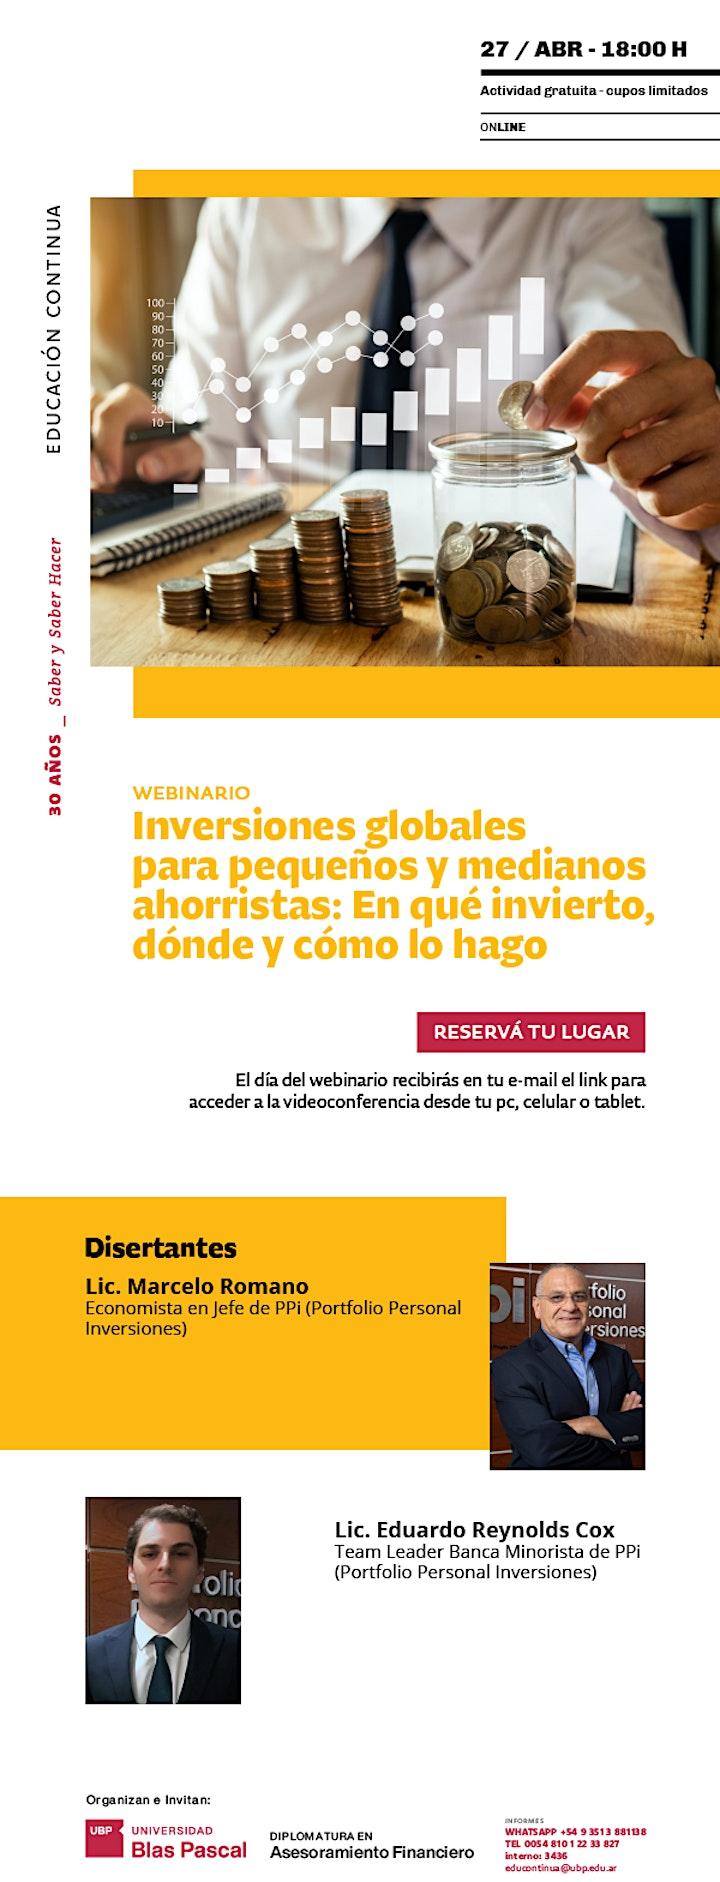 Imagen de Webinario> Inversiones globales para pequeños y medianos ahorristas